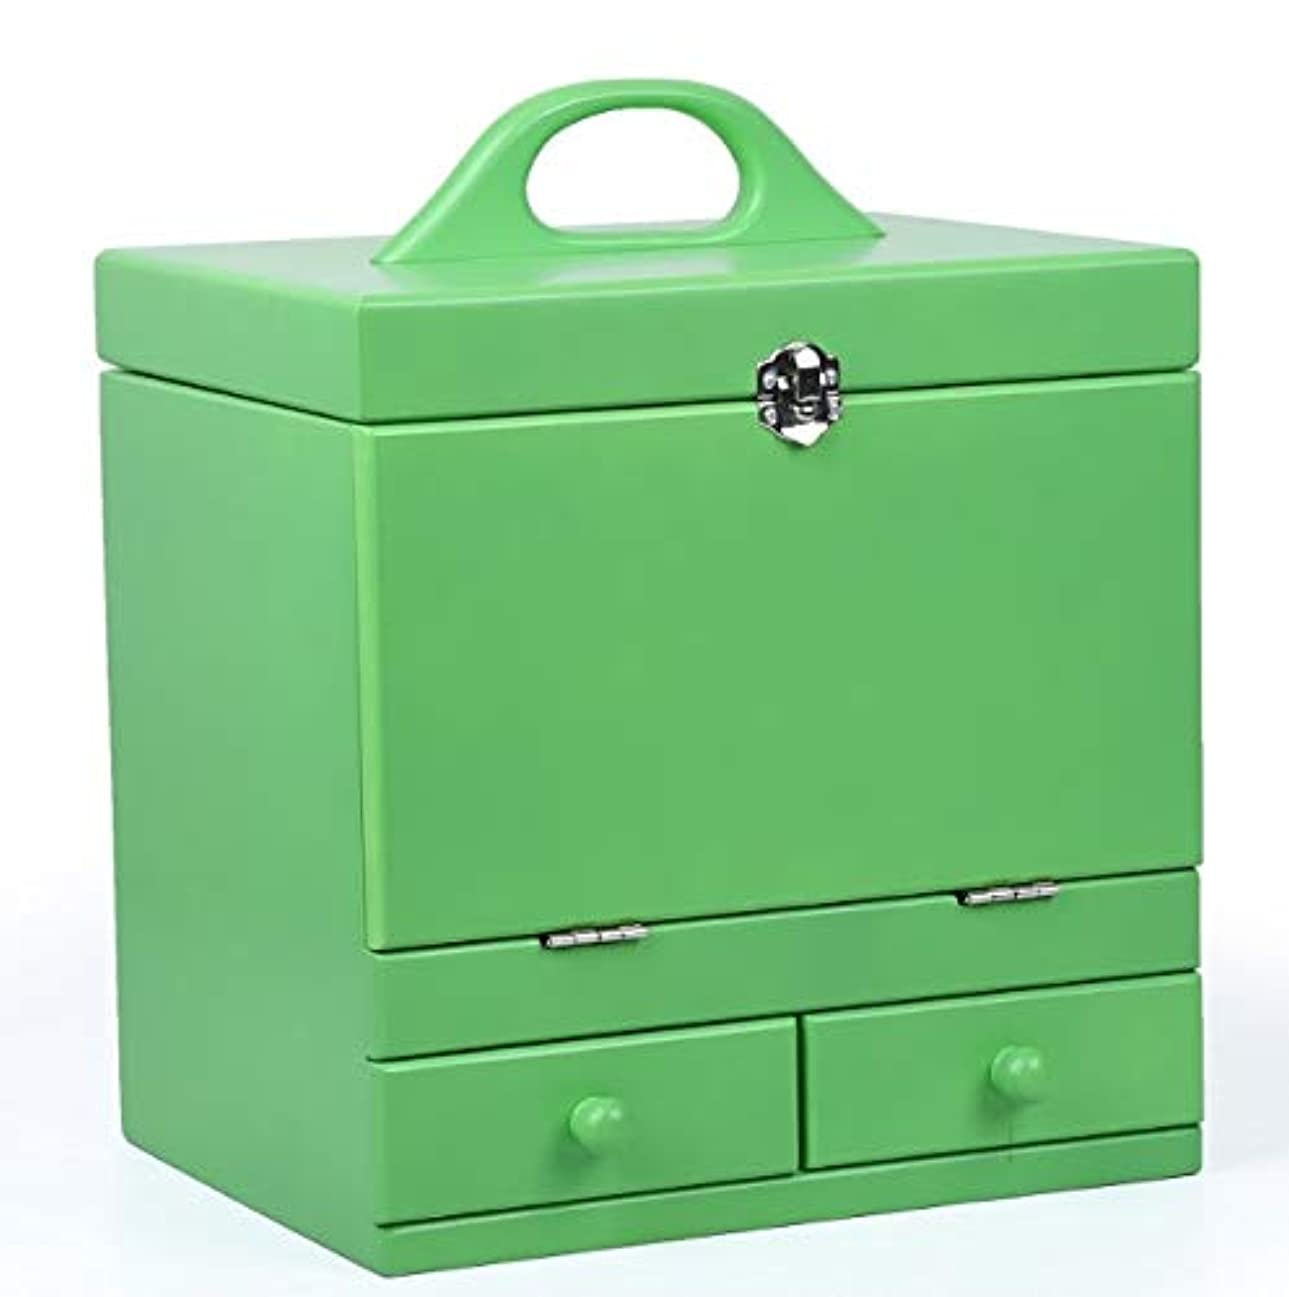 必需品甲虫関係する化粧箱、グリーンダブルデッカーヴィンテージ木製彫刻が施された化粧ケース、ミラー、高級ウェディングギフト、新築祝いギフト、美容ネイルジュエリー収納ボックス